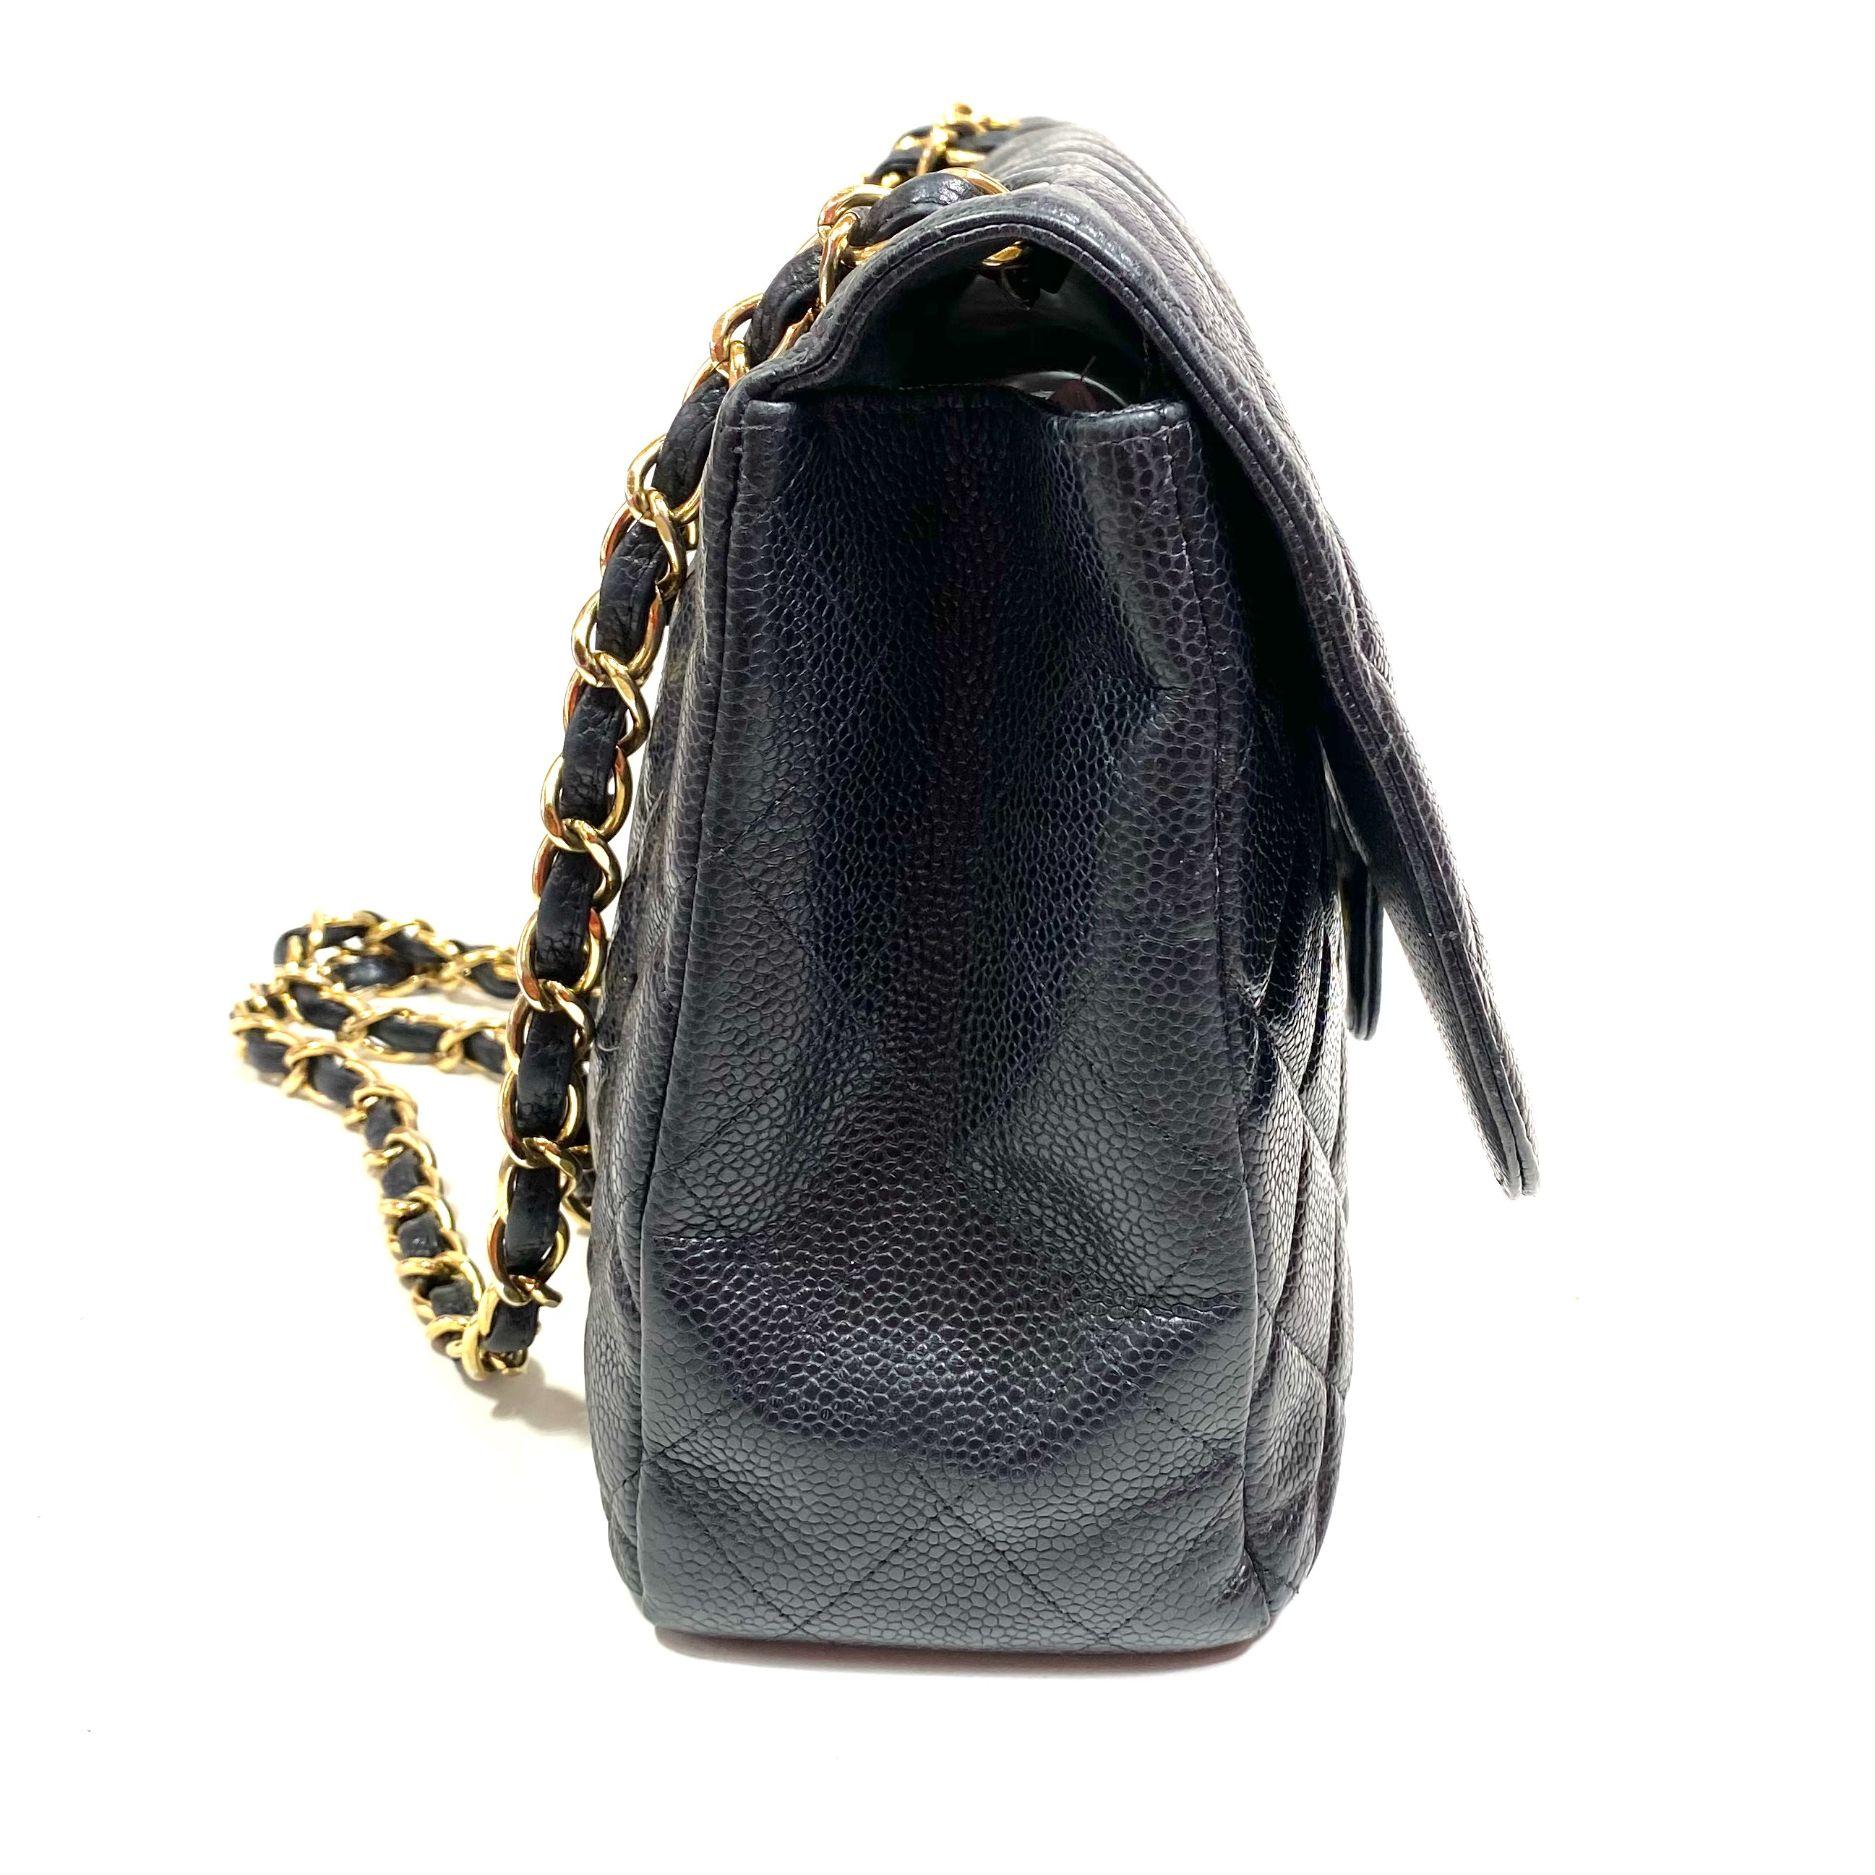 Bolsa Chanel Caviar 2.55 Preta